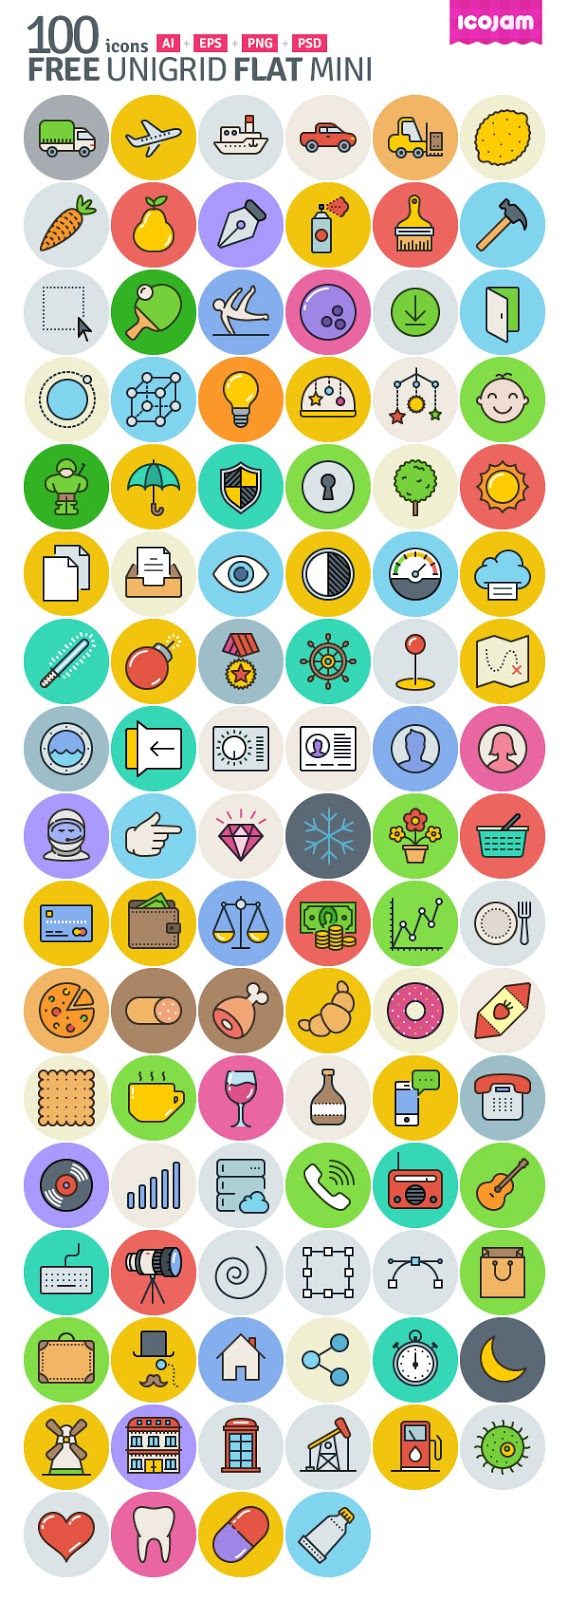 100 Free Unigrid Flat Icons